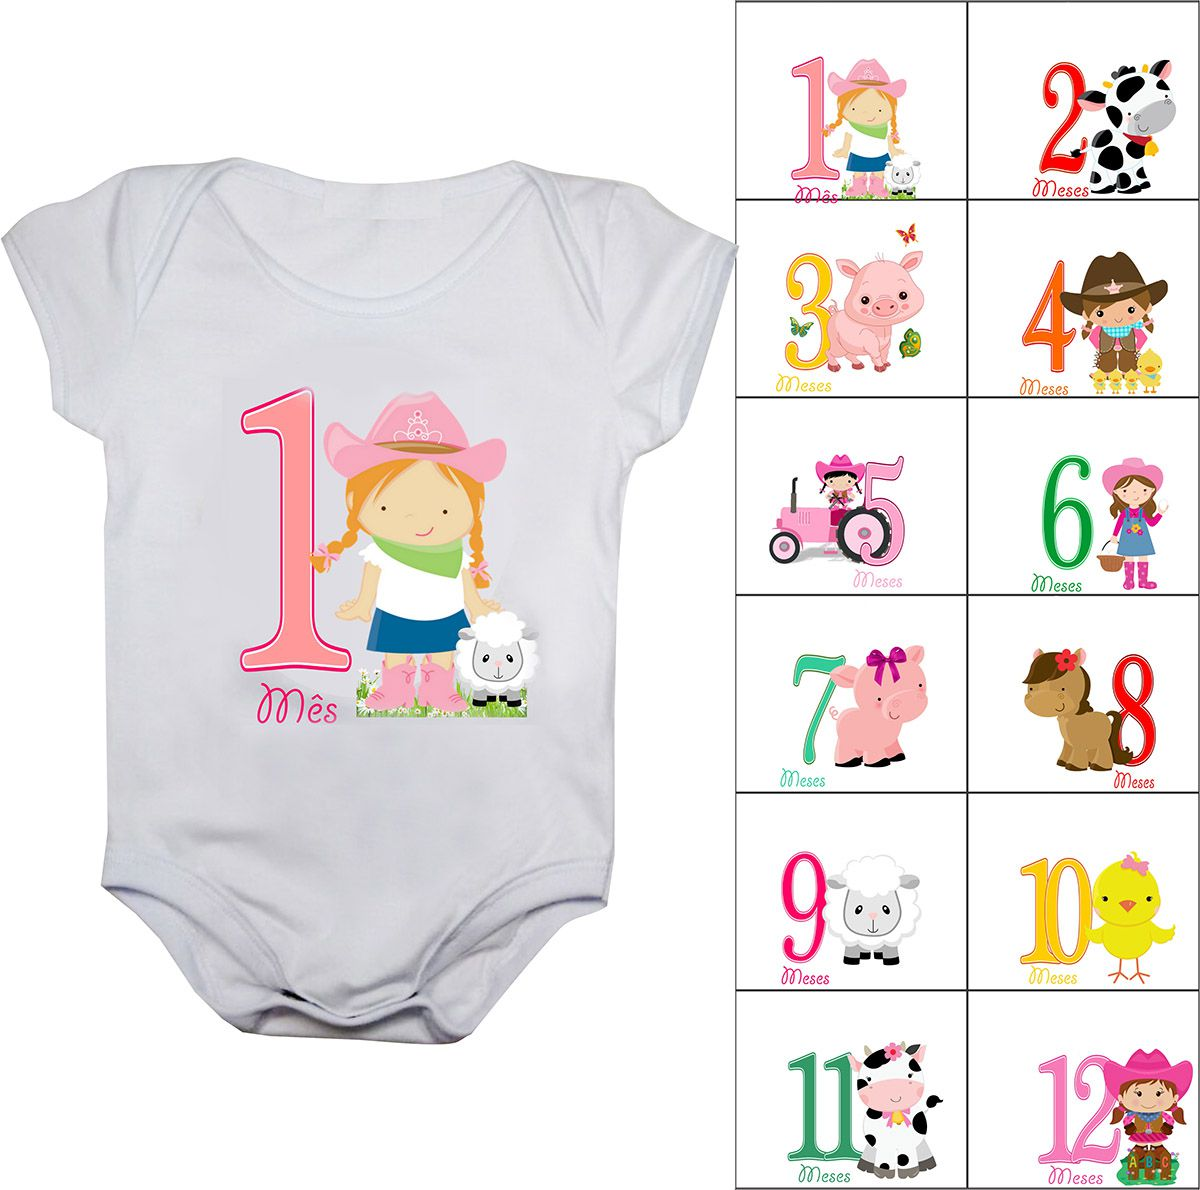 Body mesversario fazendinha Kit 12 bodies de bebê